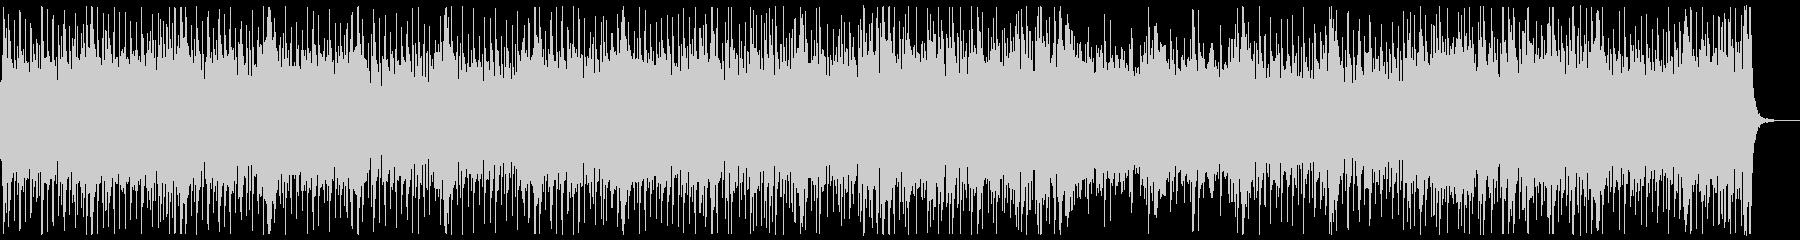 和楽器・和風・サムライロック:三味線ぬきの未再生の波形